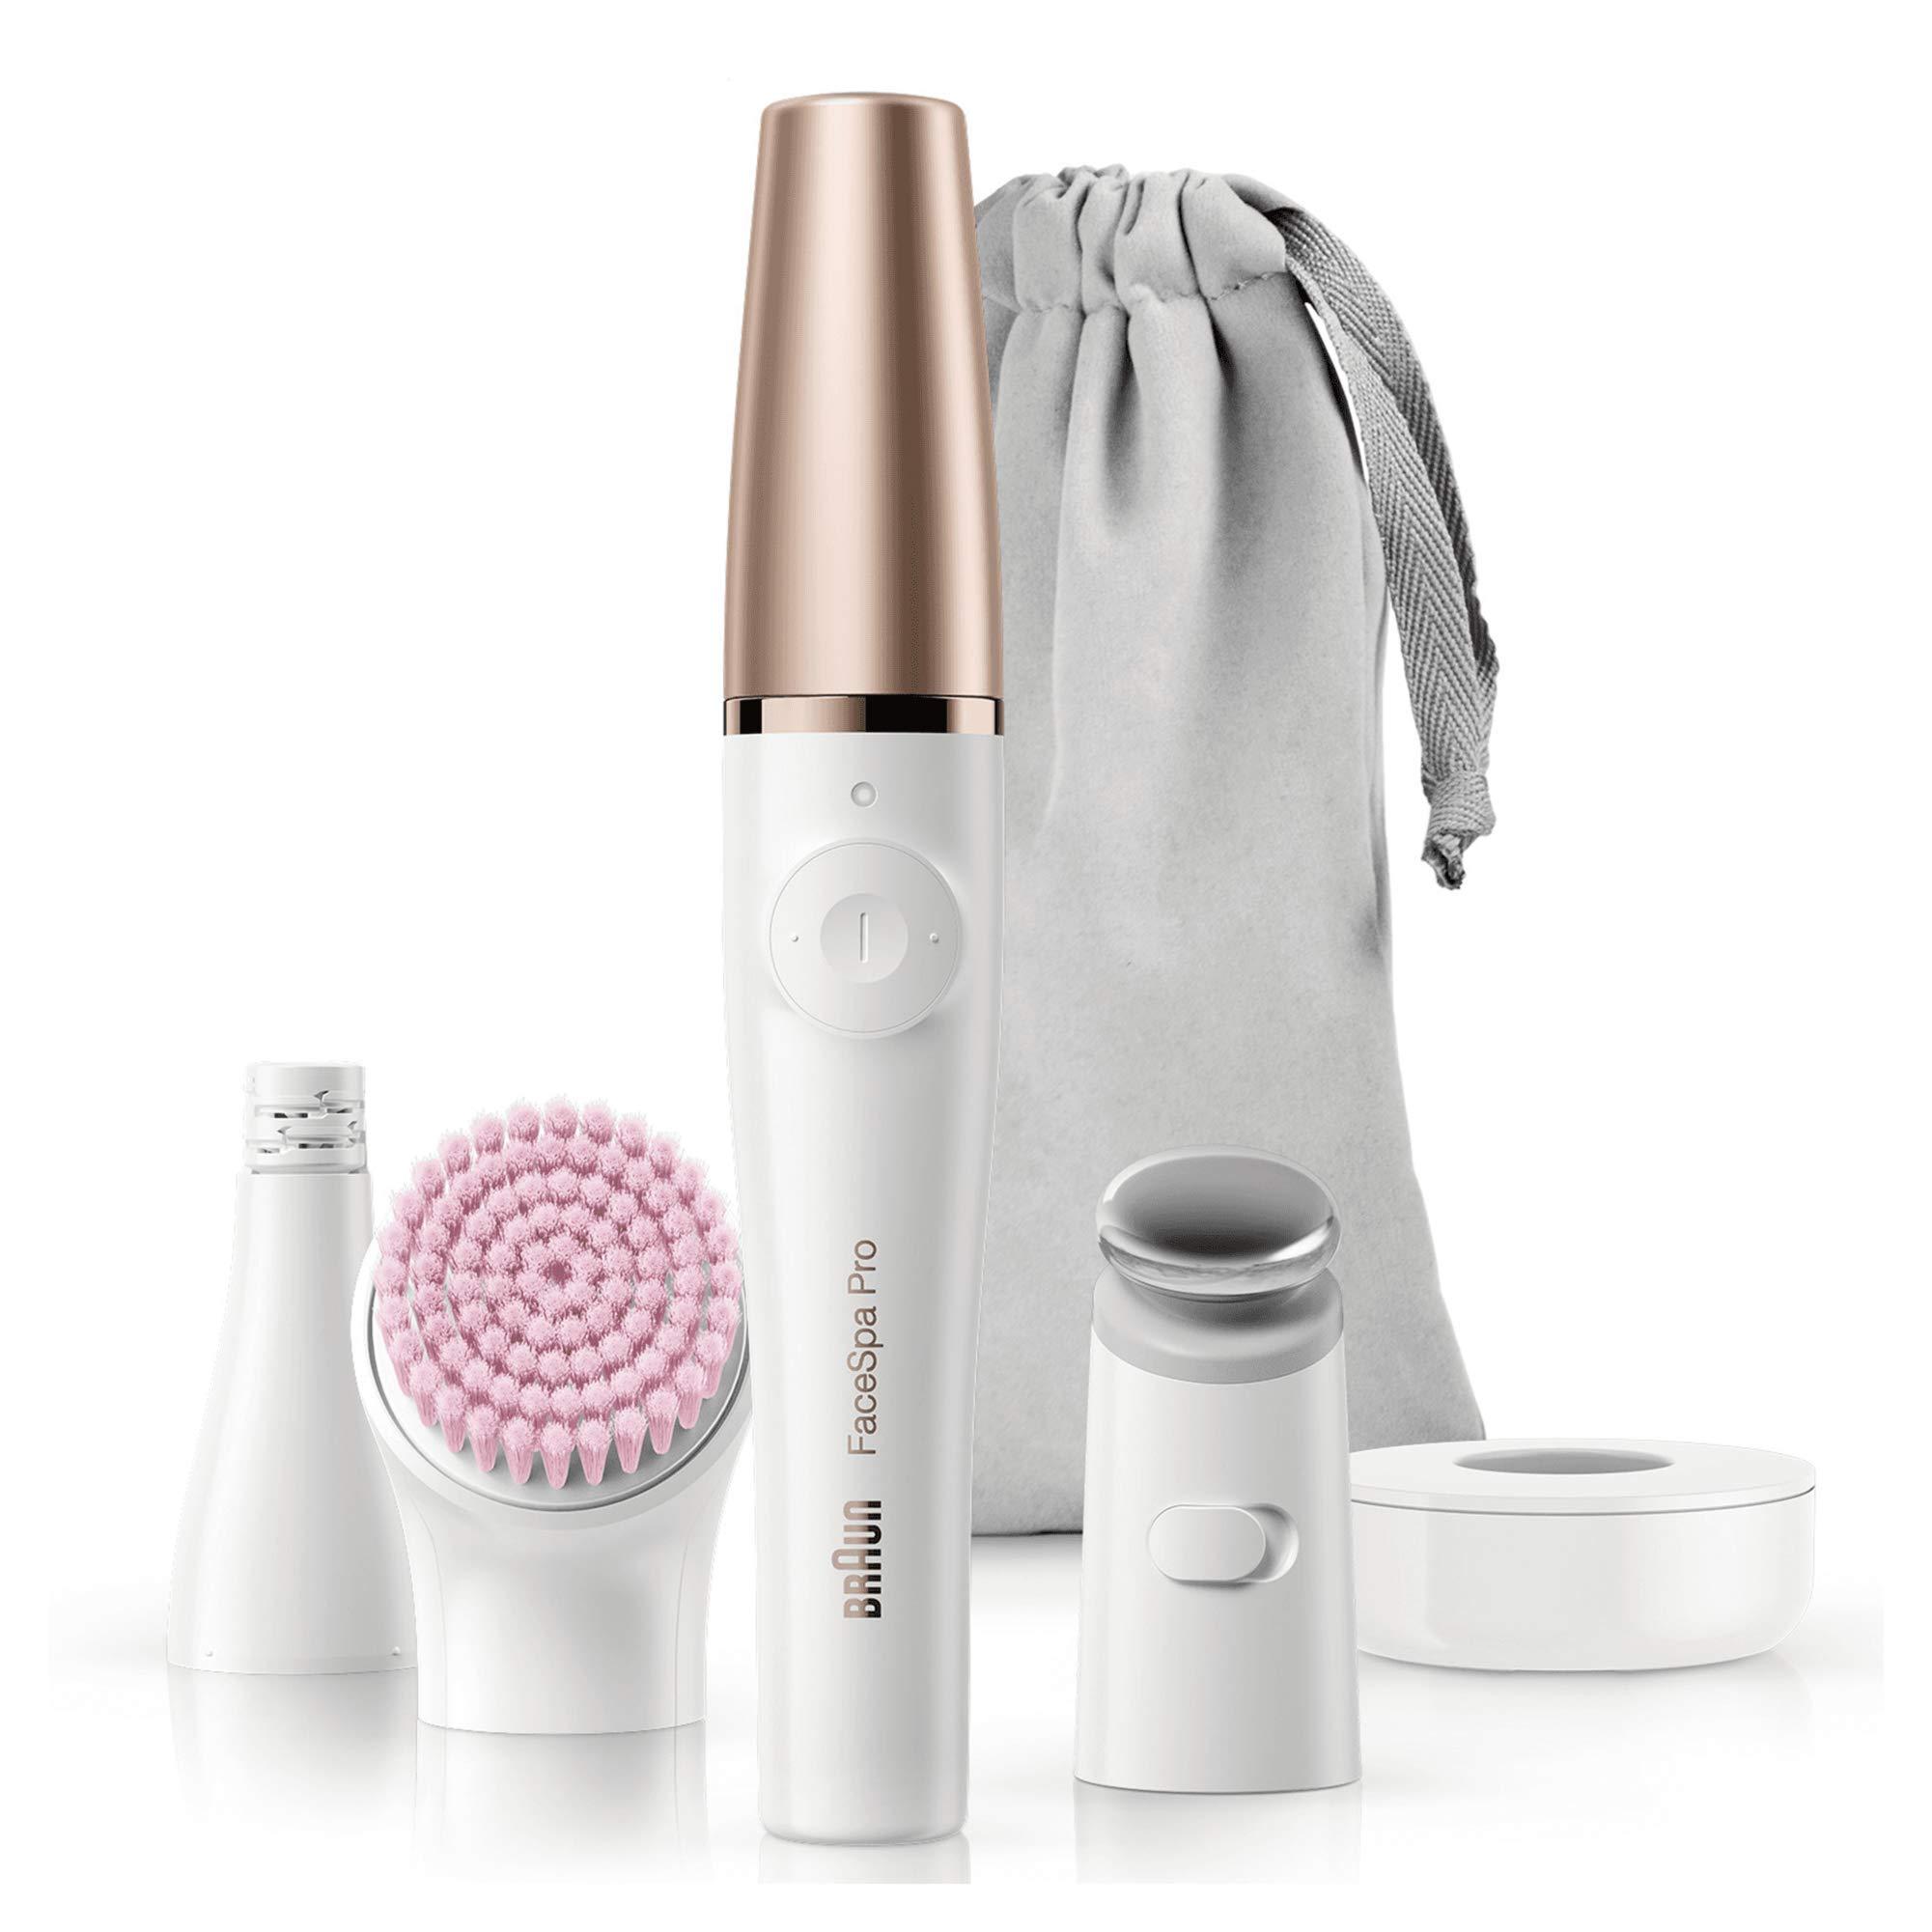 Braun Facespa Pro 912 Sistema depiladora Facial Mujer 3 en 1, Depiladora Eléctrica Facial Mujer